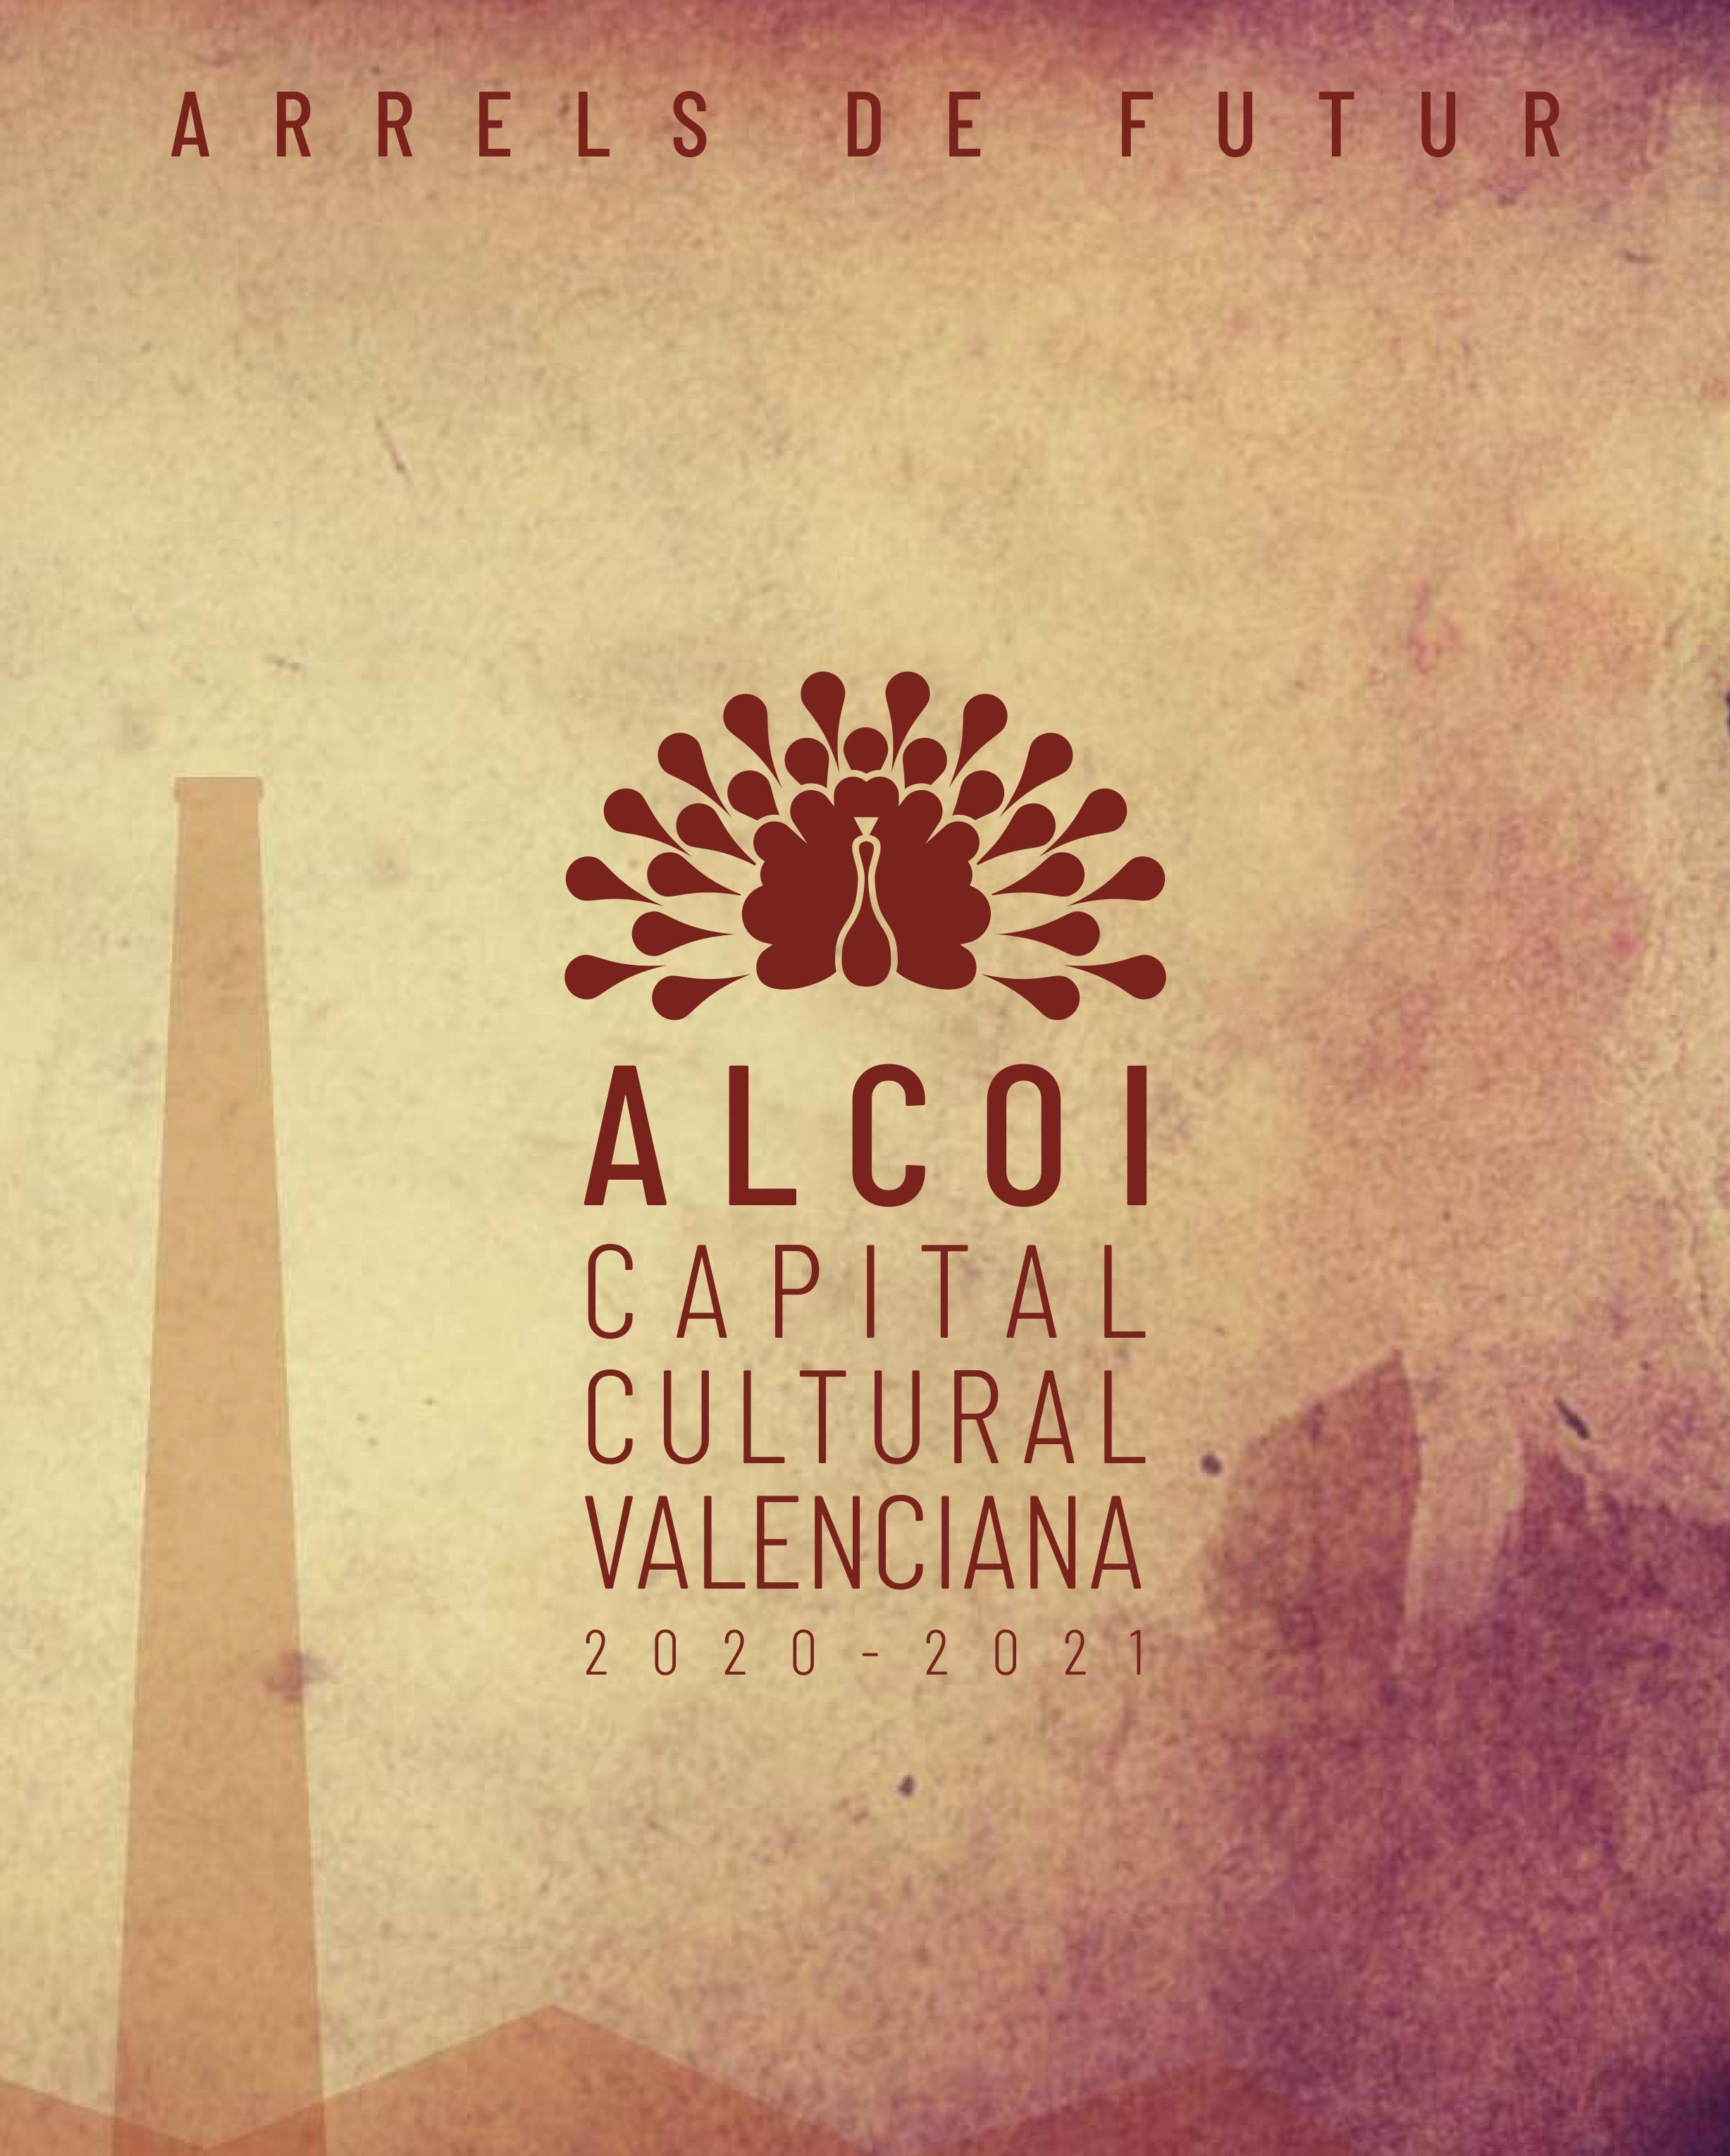 Foto La Generalitat otorga en Alcoy a la capitalidad Cultural Valenciana 2020-2021